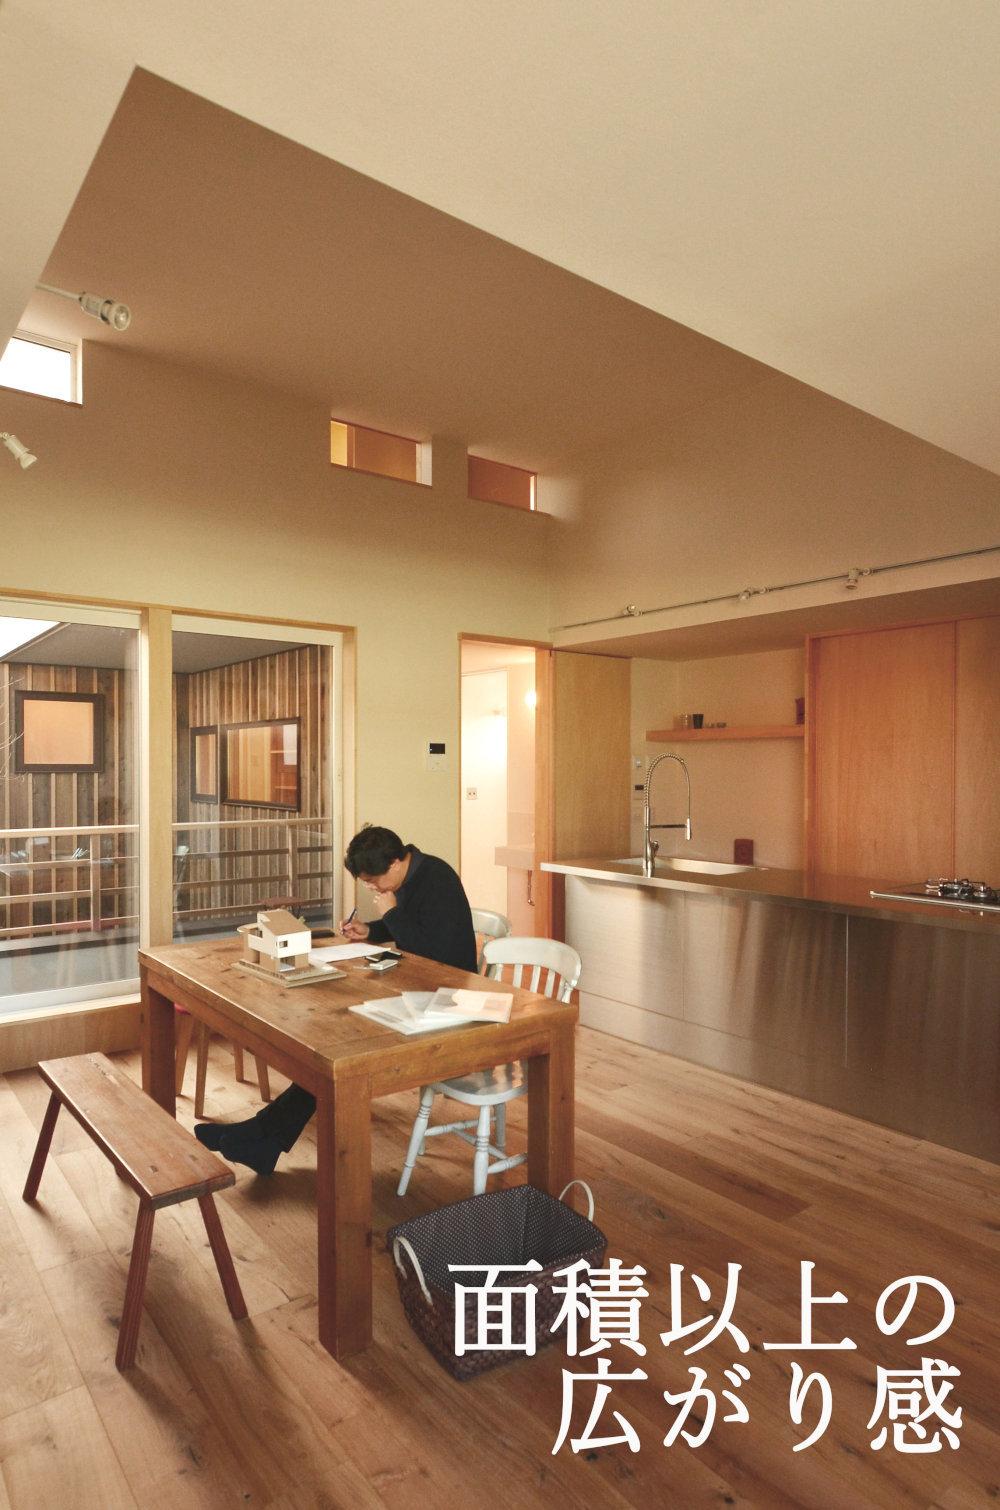 中庭のメリット オープンハウスのお知らせ 36坪の土地に建つ中庭のある住まい_b0349892_07574744.jpg